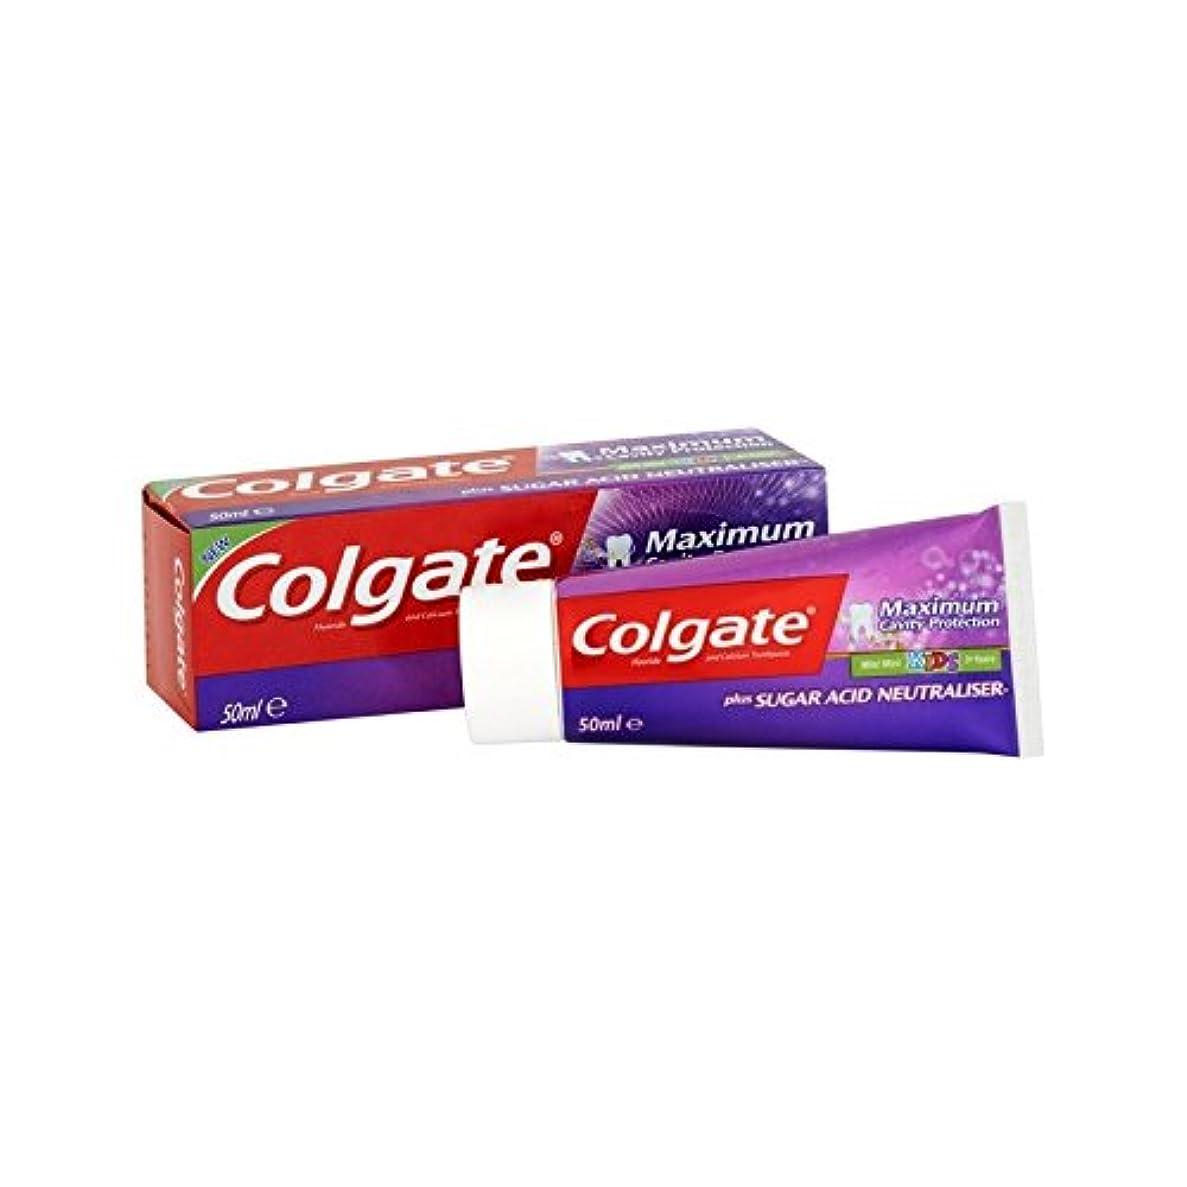 はさみ人気のハブ最大空洞の子供の50ミリリットルを保護 (Colgate) (x 4) - Colgate Maximum Cavity Protect Kids 50ml (Pack of 4) [並行輸入品]